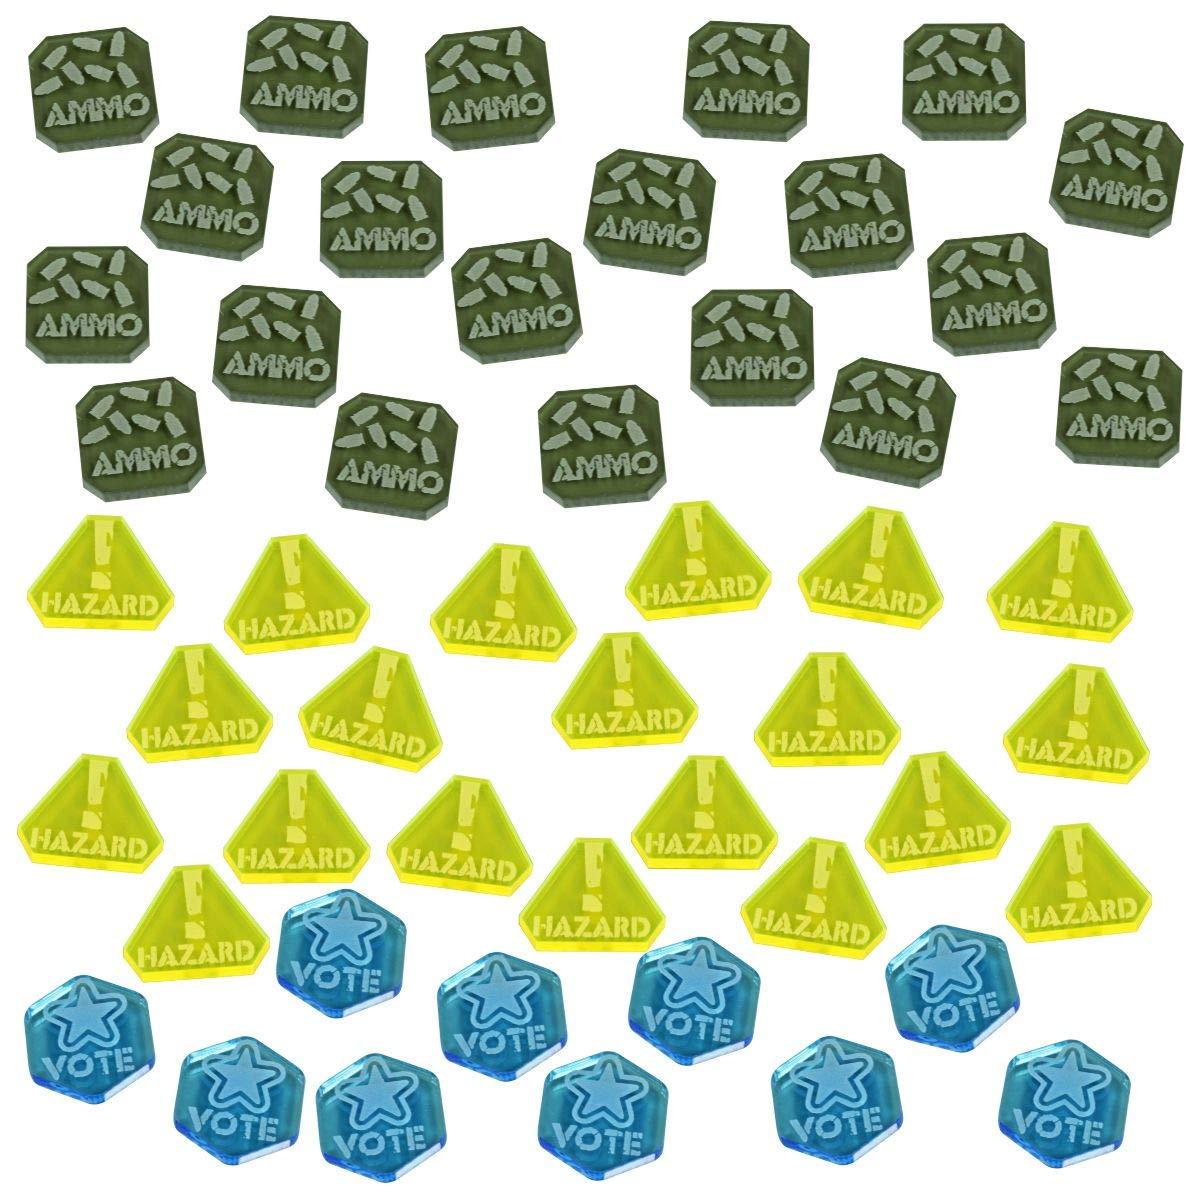 LITKO Gaslands Miniatures Game Token Set, Multi-Colored (50) by LITKO